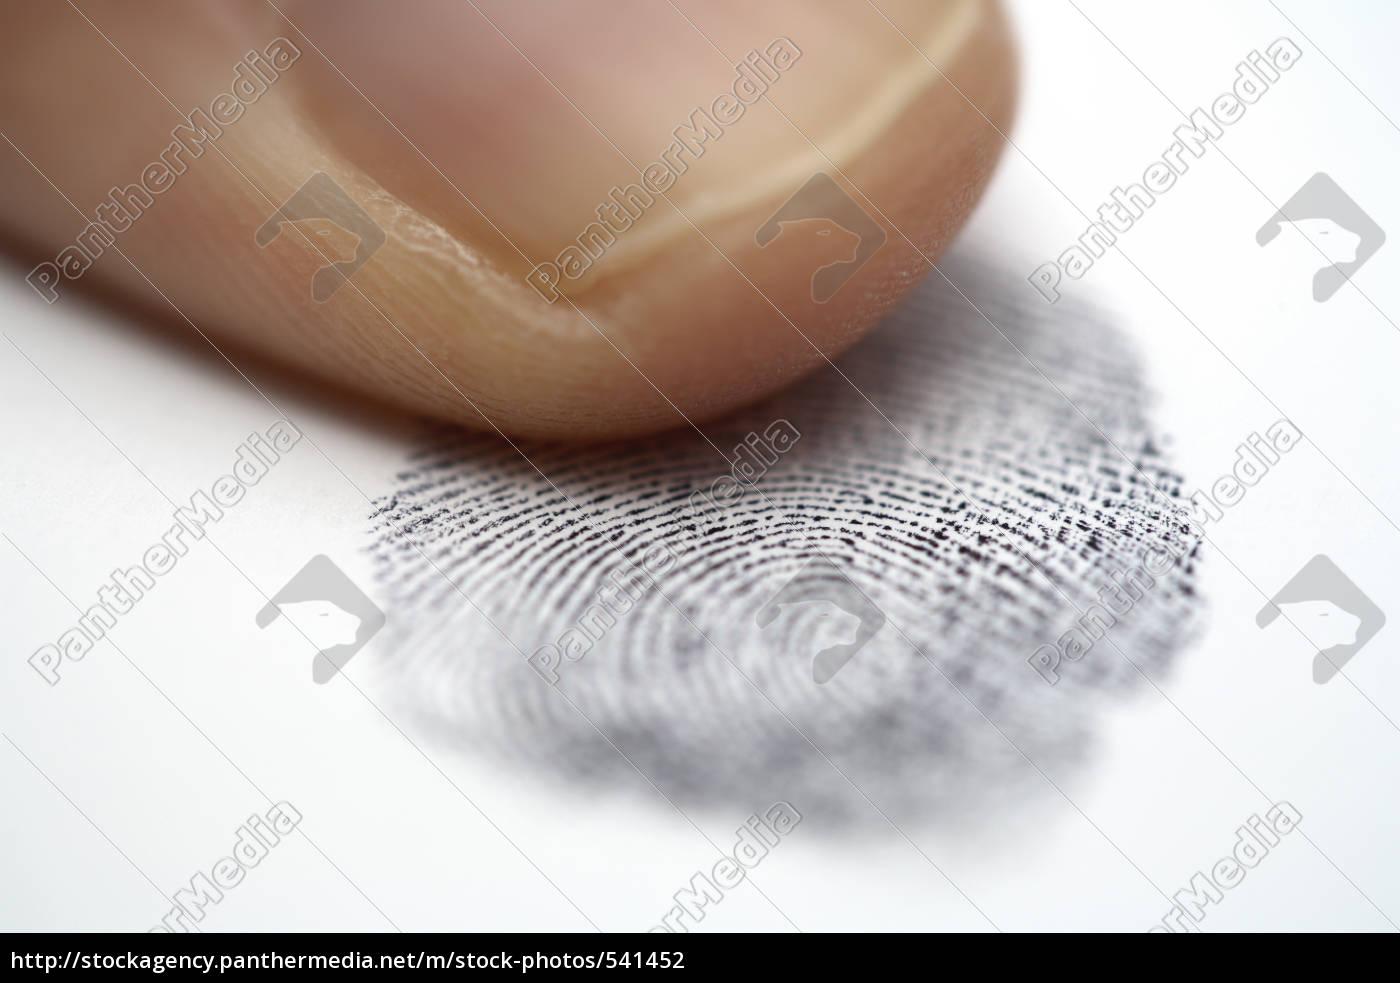 fingerprint - 541452